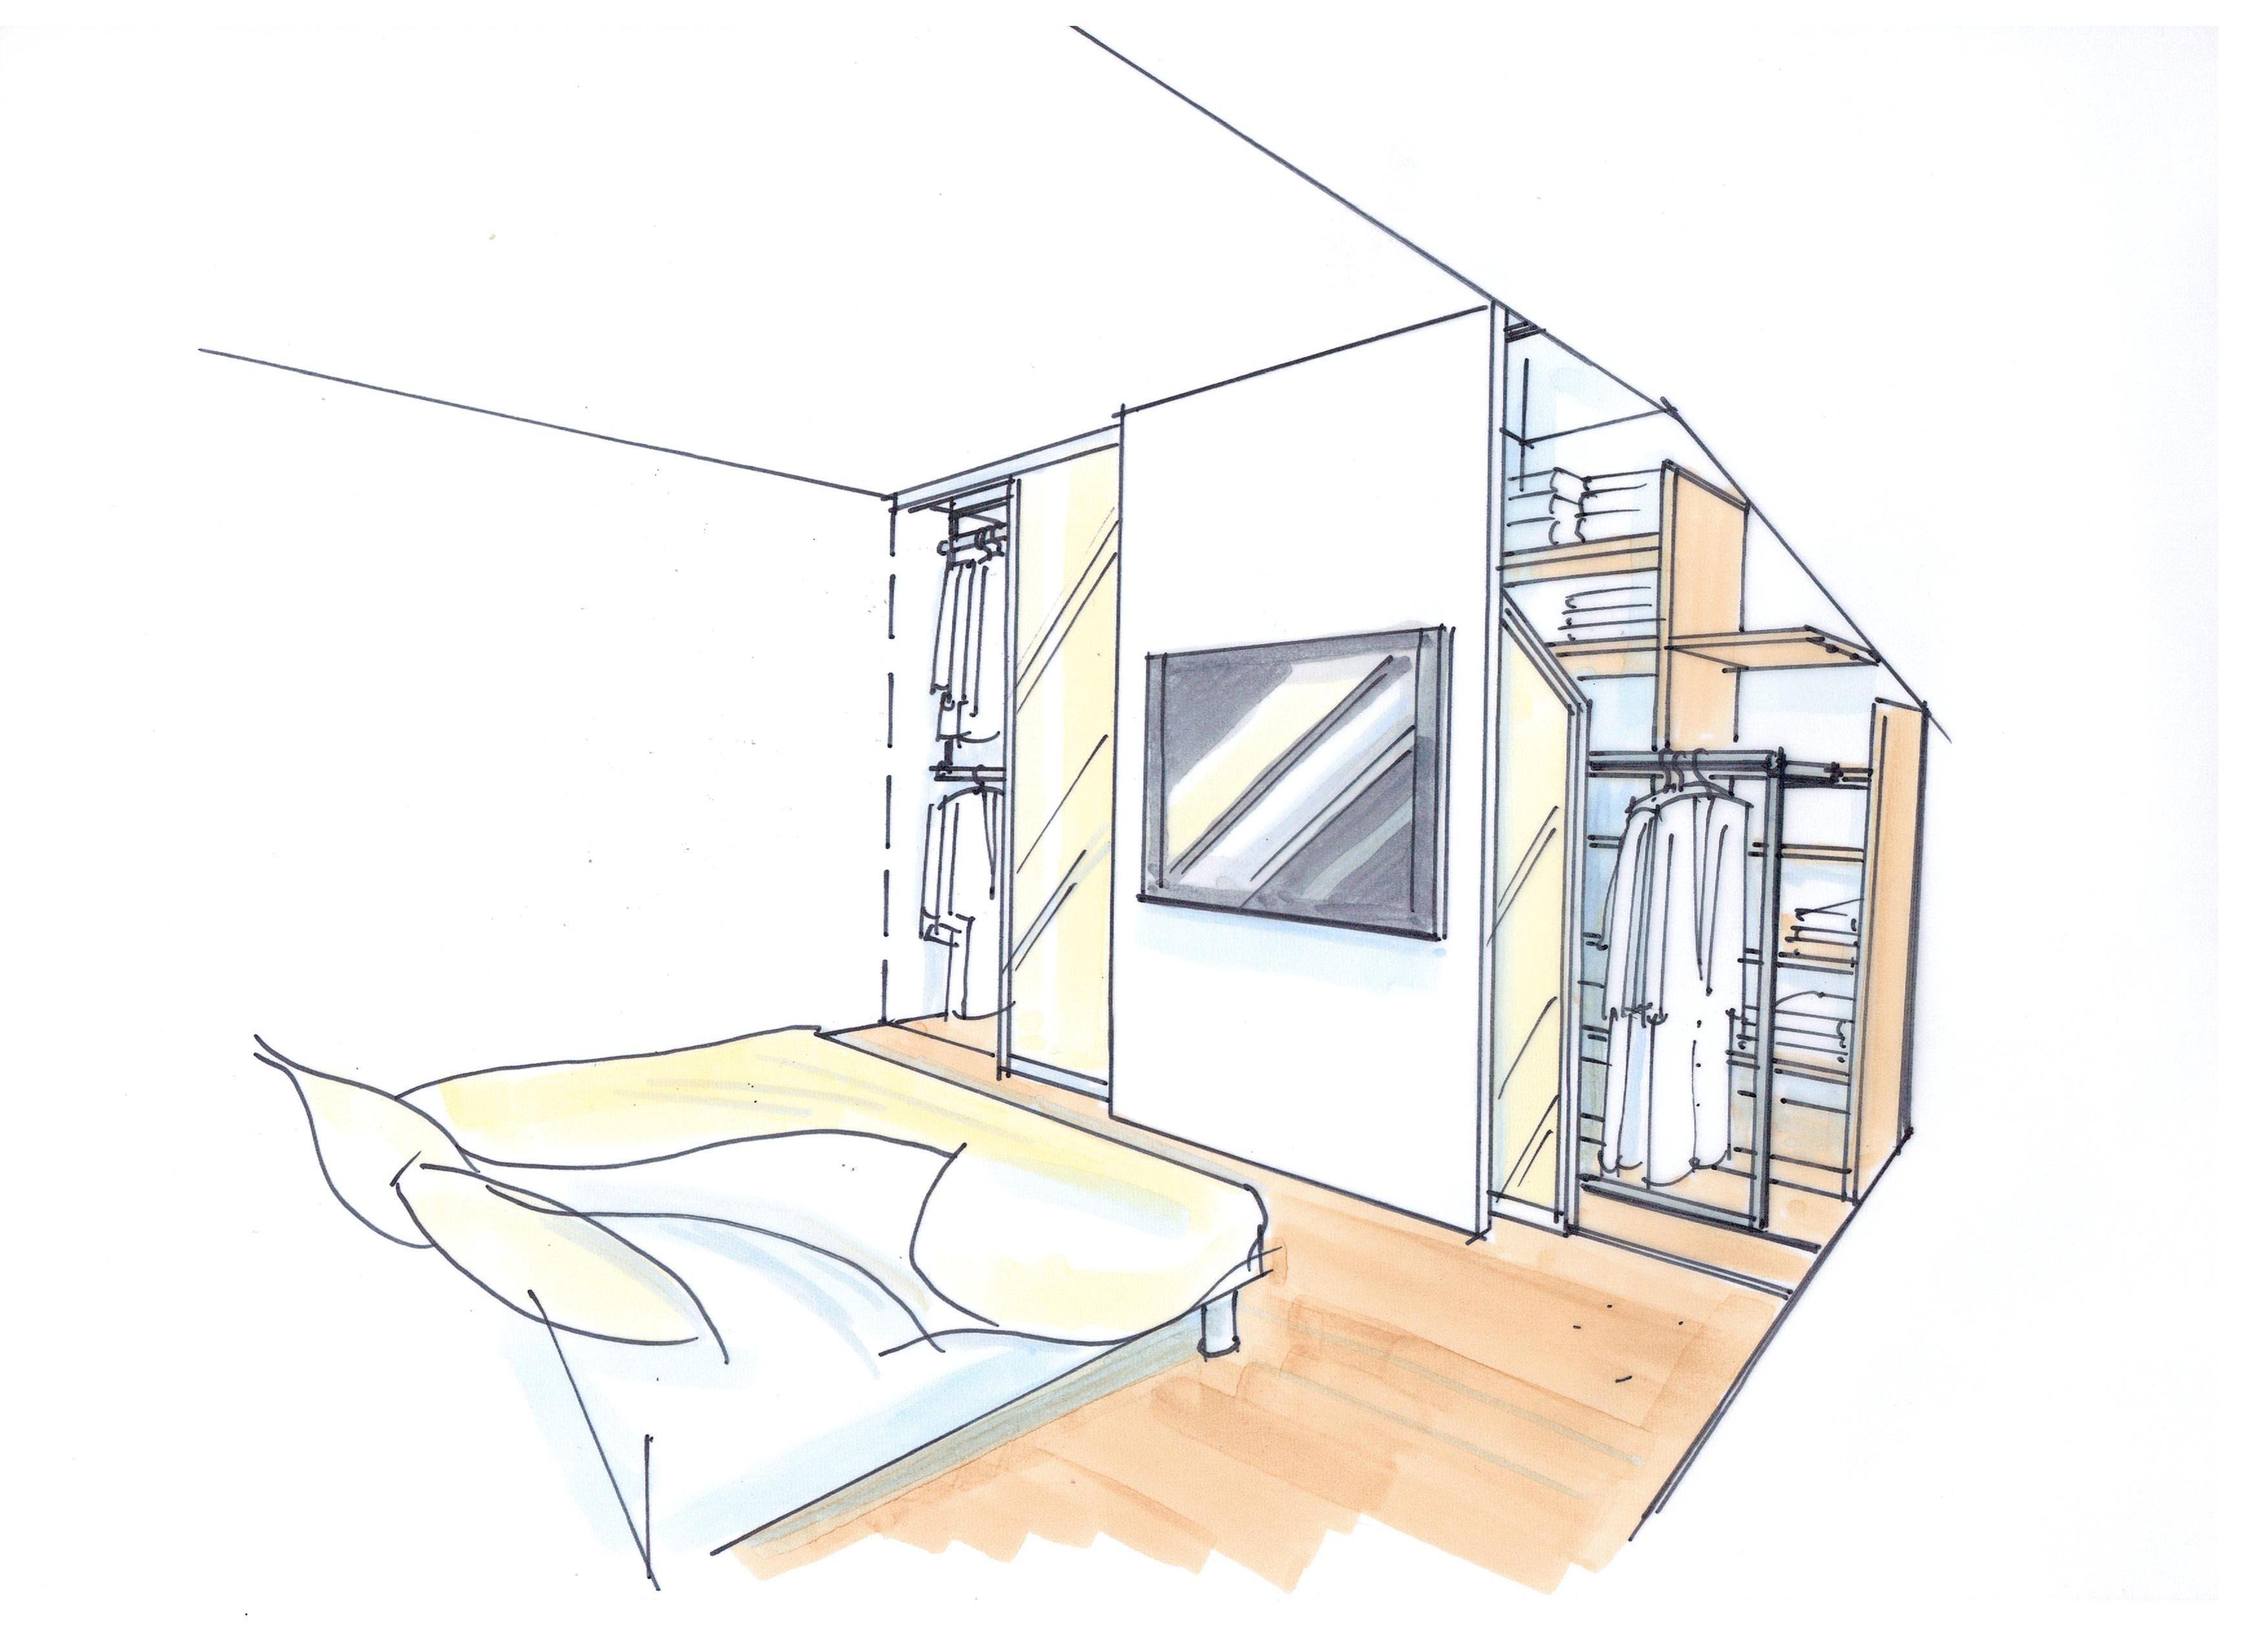 schrankraum hinter dem bett bauernhaus umbau ideen pinterest schlafzimmer dachschr ge und. Black Bedroom Furniture Sets. Home Design Ideas